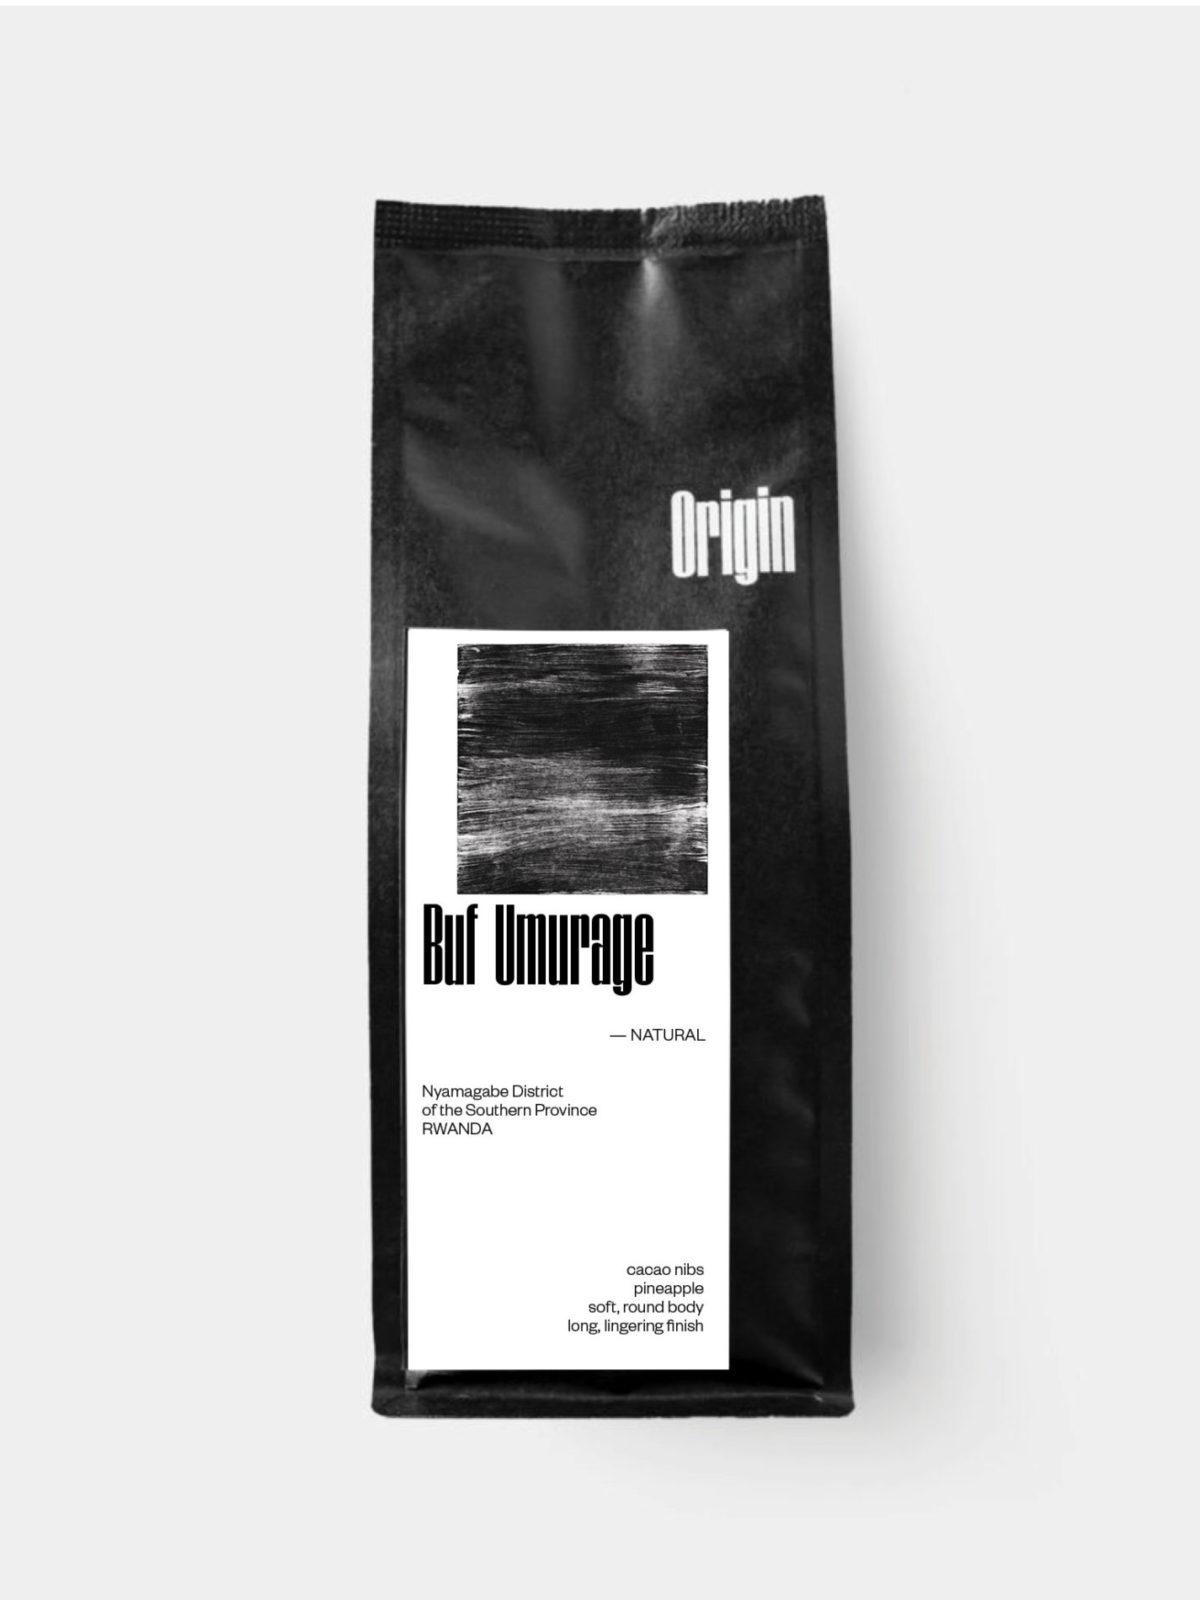 RWA Buf Umurage natural - on the 250g bag